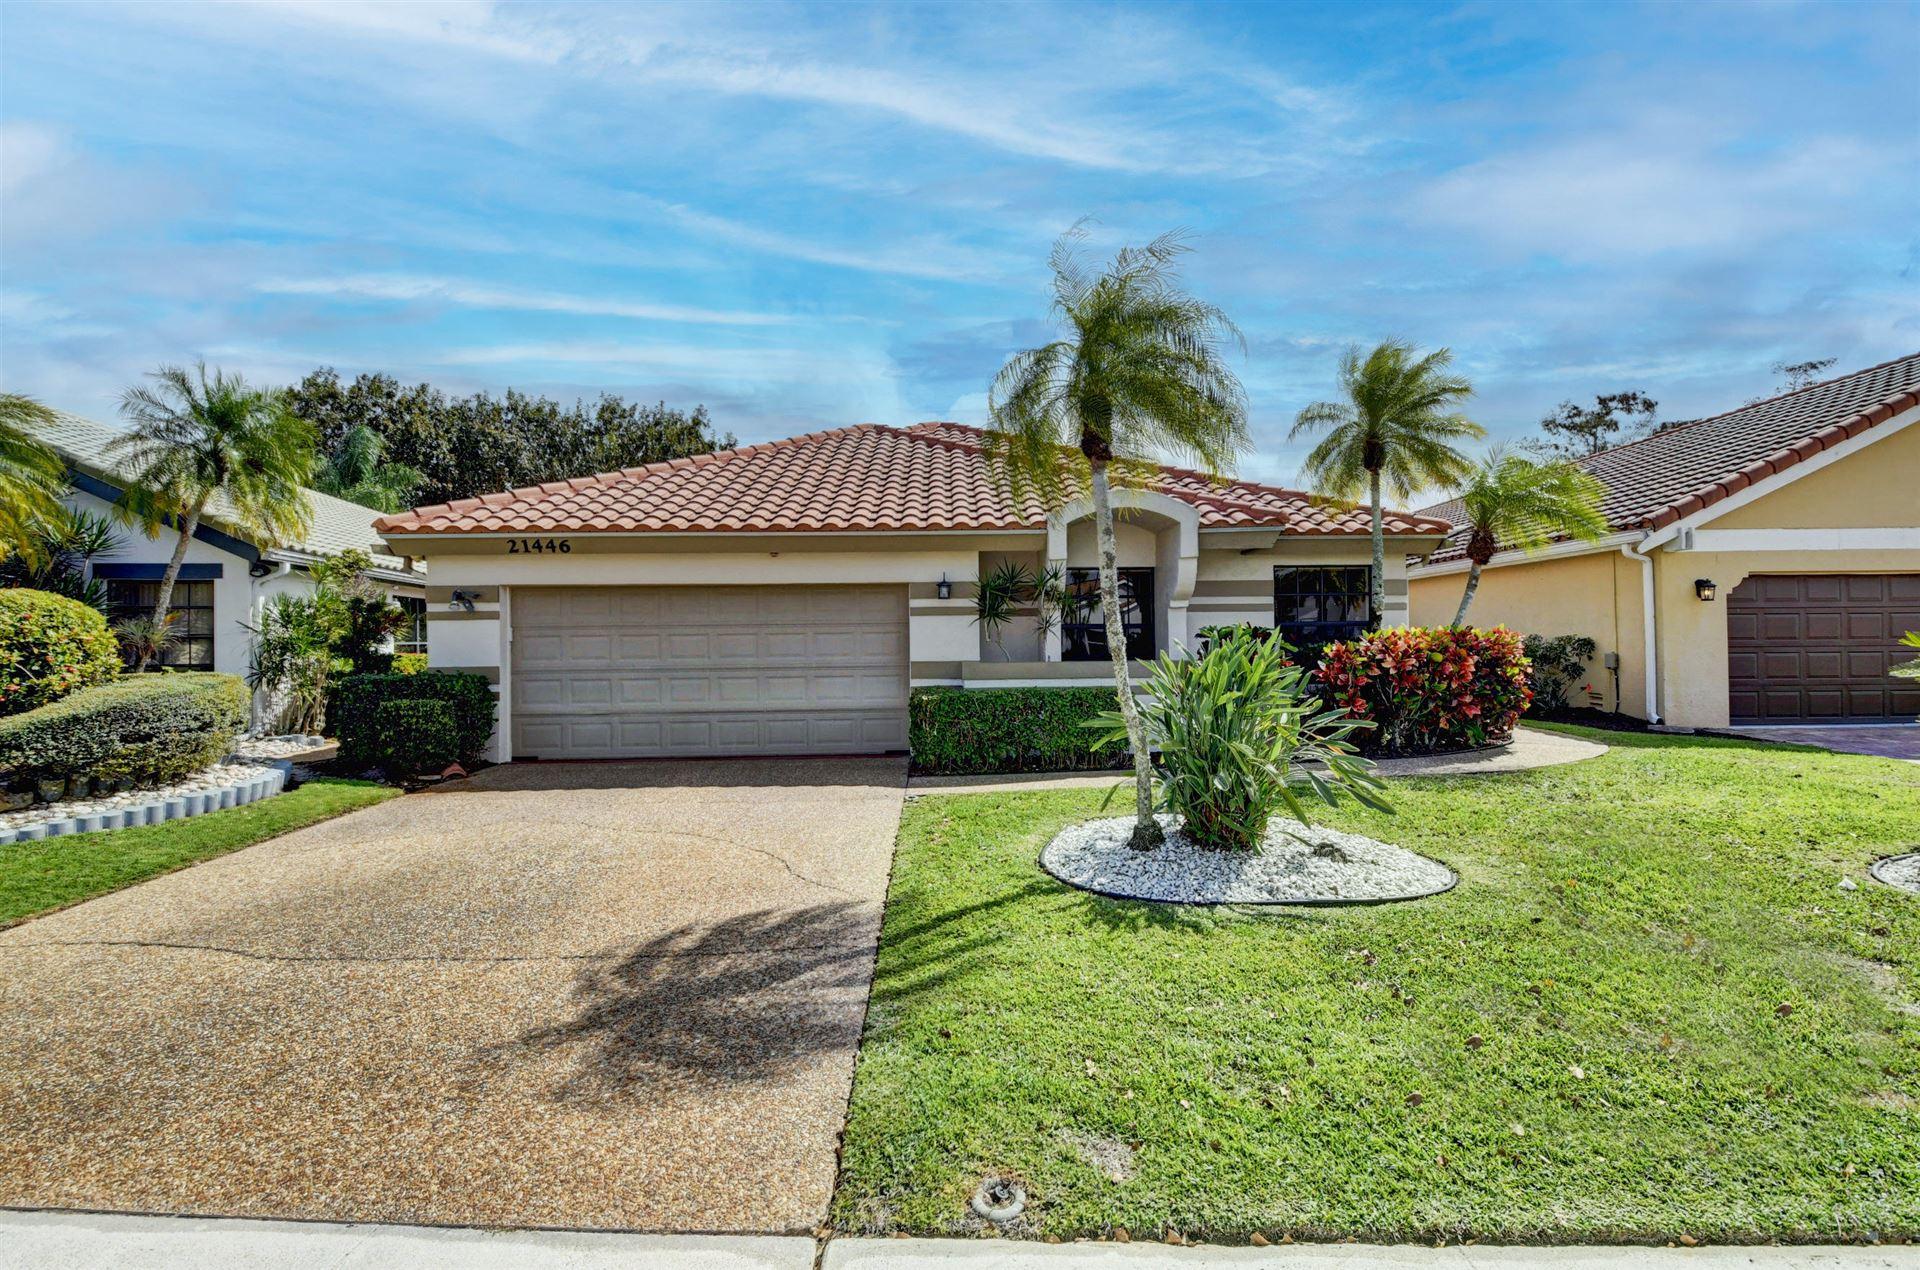 21446 Bridge View Drive, Boca Raton, FL 33428 - MLS#: RX-10699277